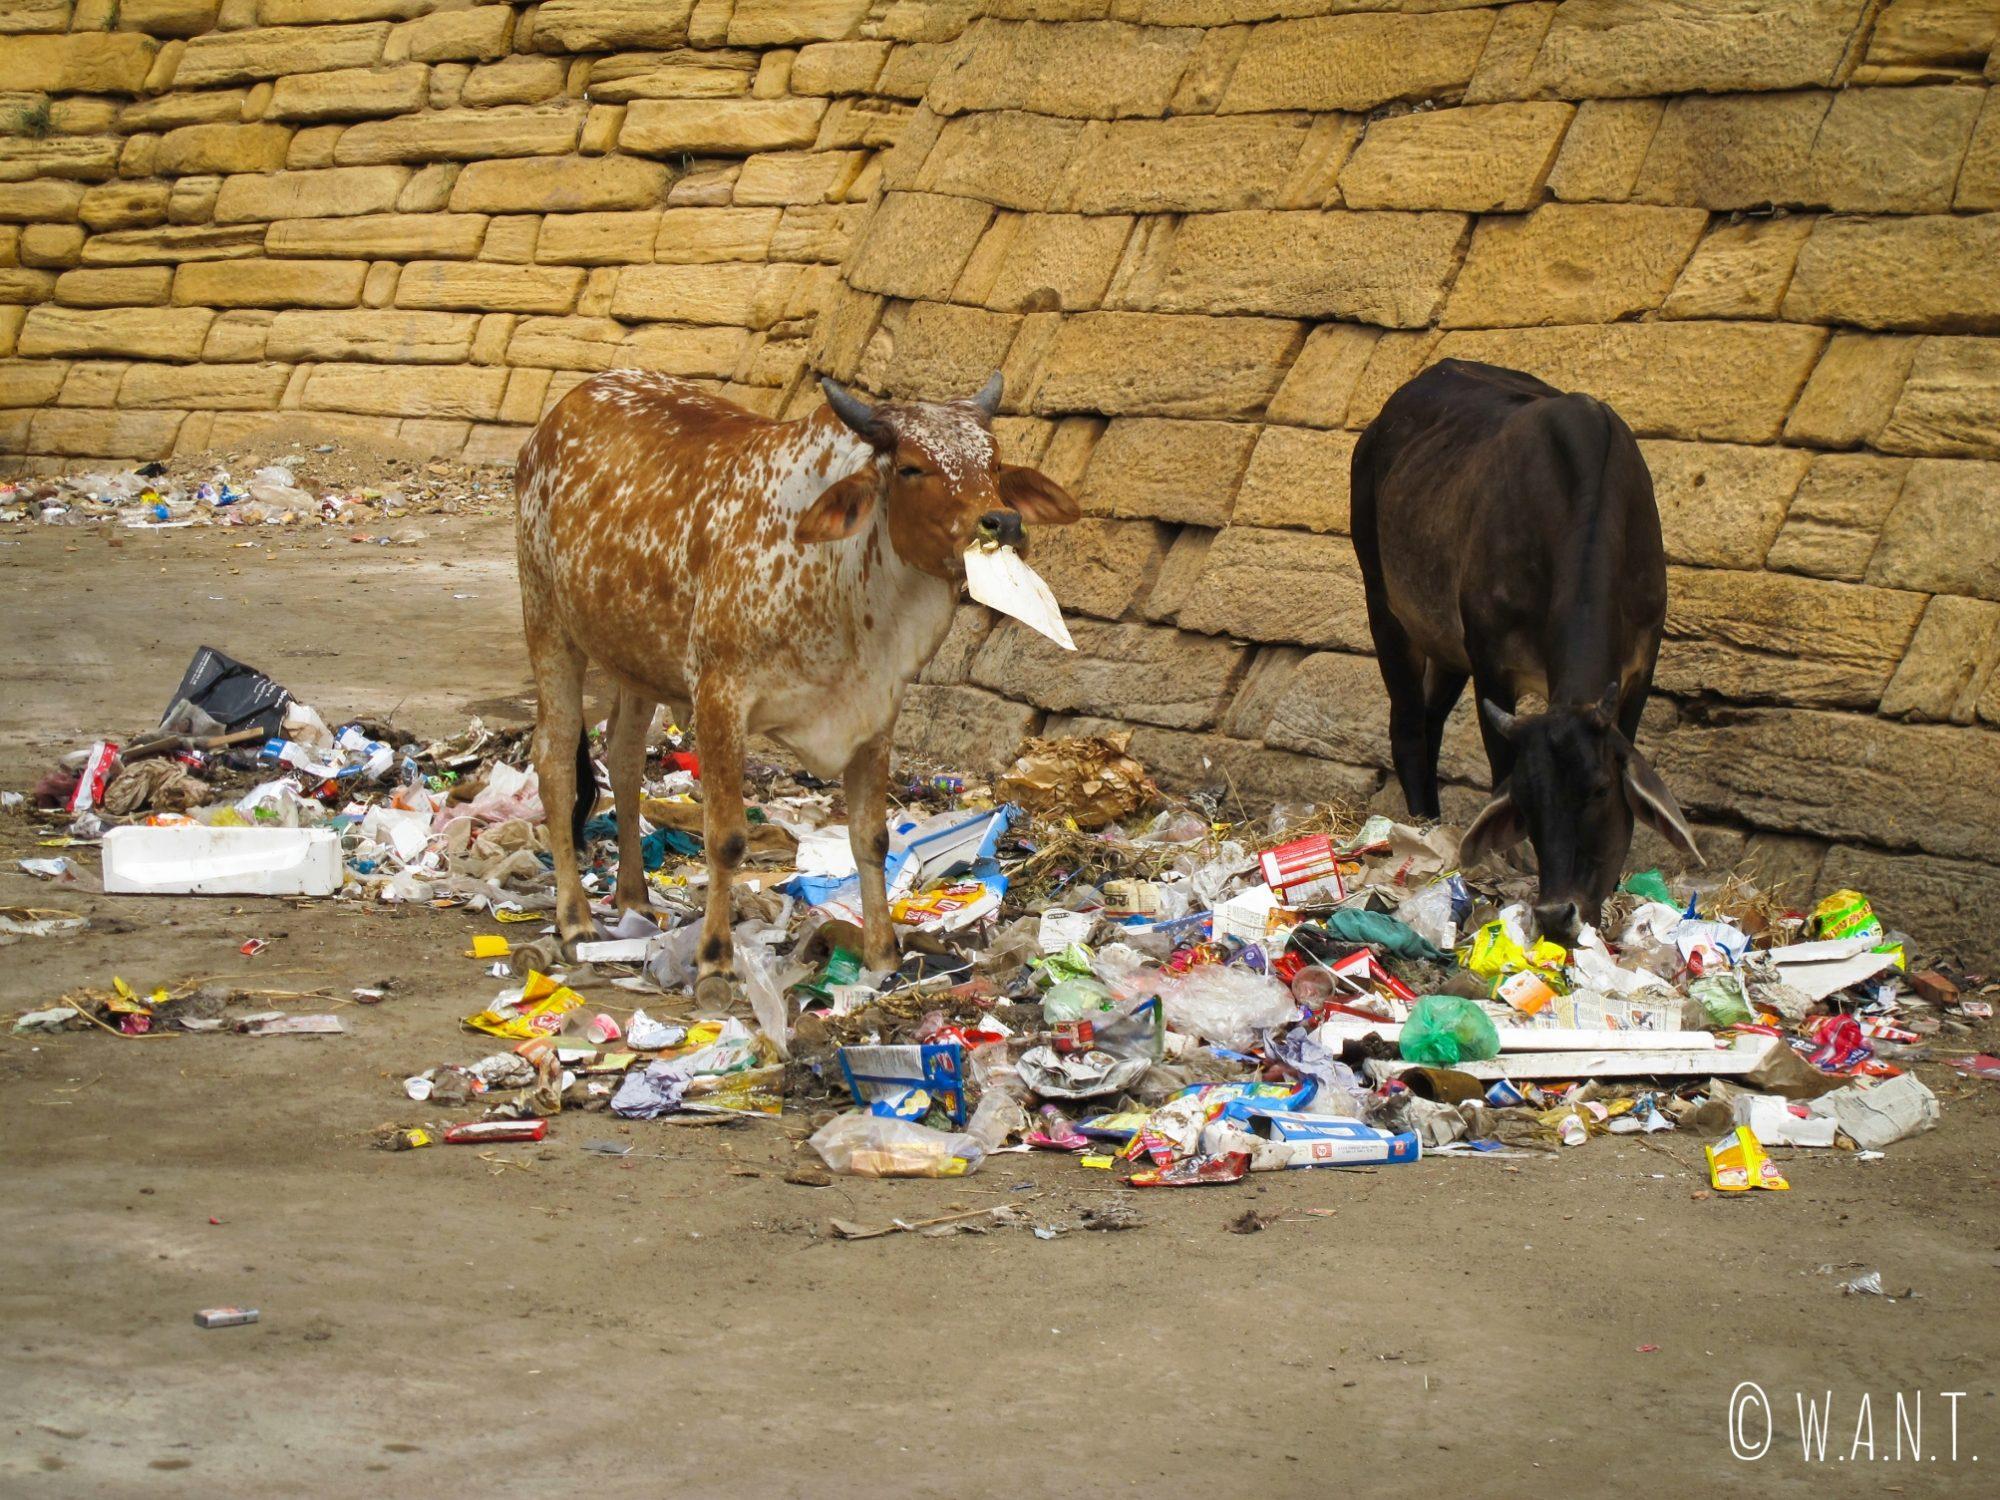 Enormément de détritus jonchent le sol, et les animaux de rues (chèvres, vaches, chiens...) y trouvent leur compte